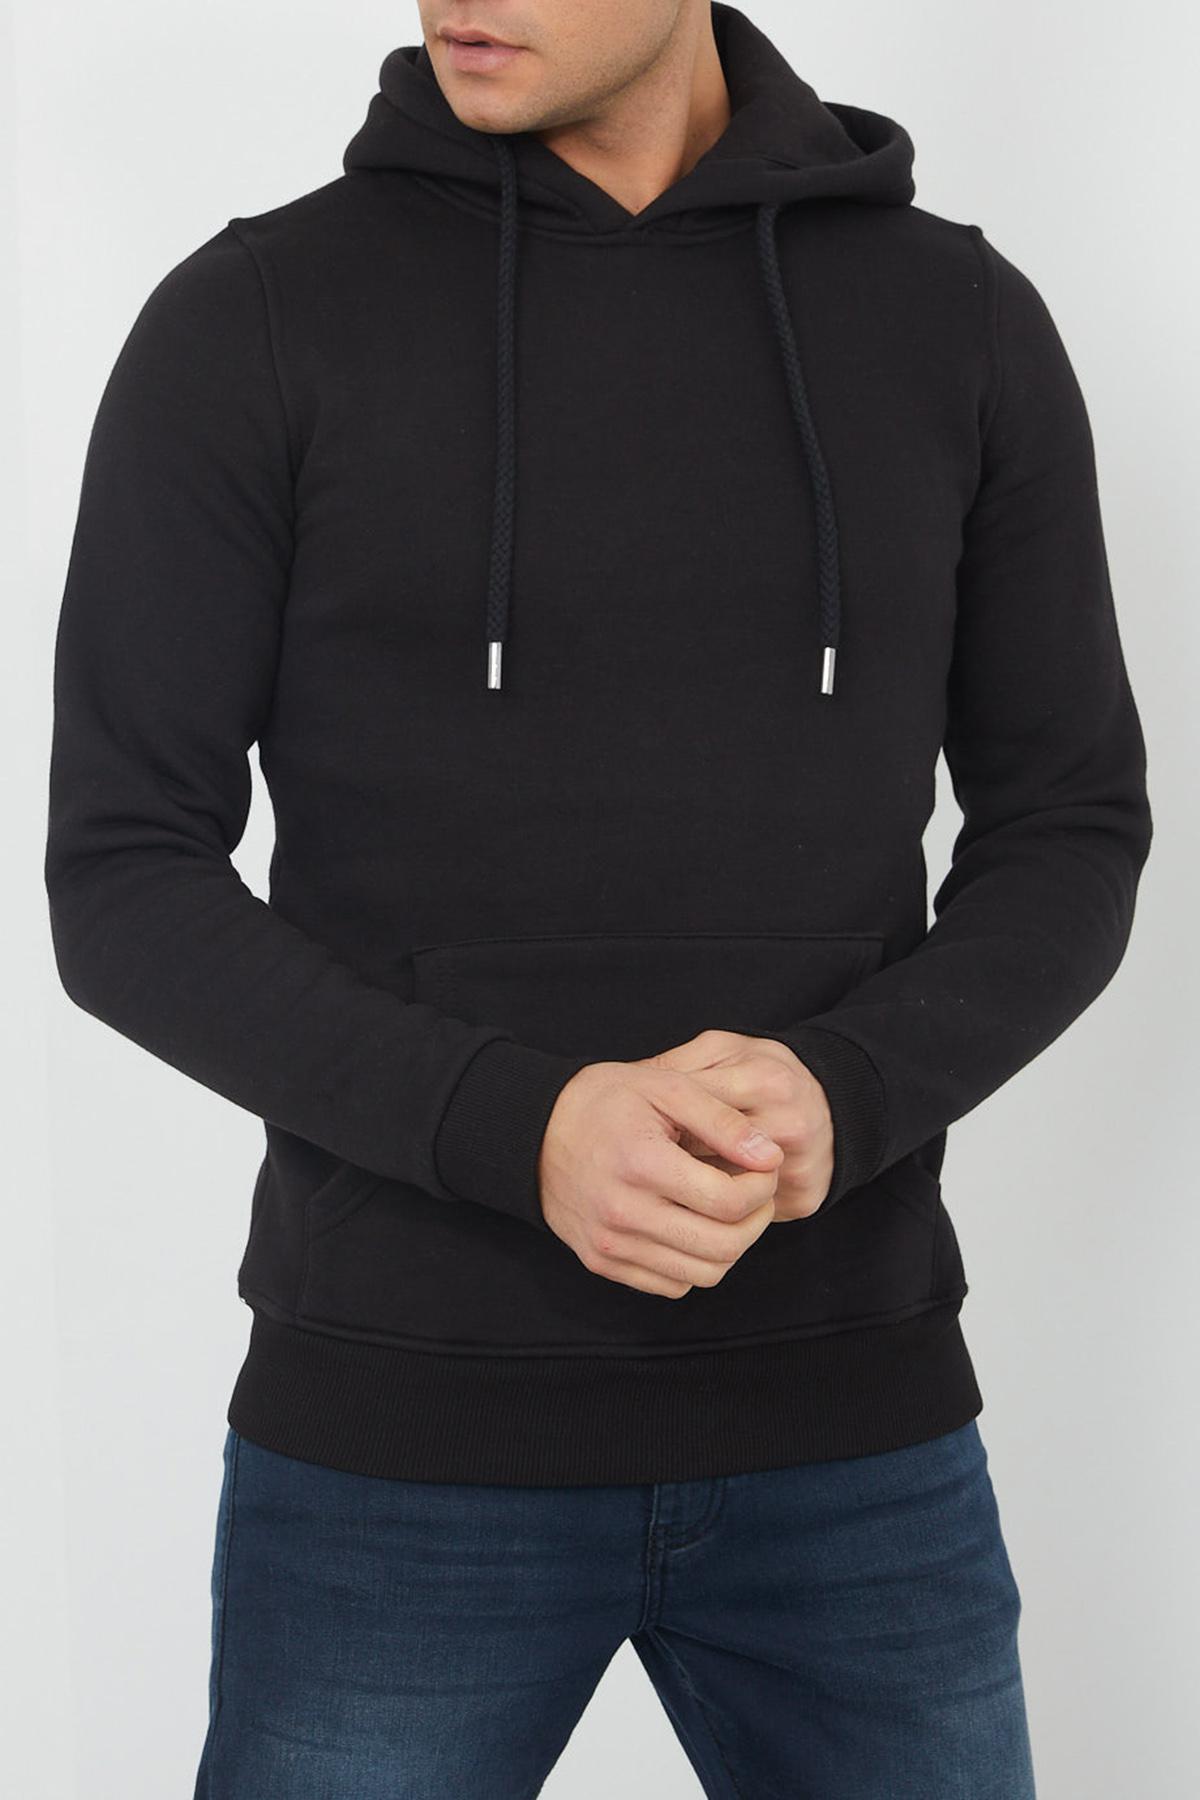 XHAN - Siyah Kanguru Cep Kapüşonlu Sweatshirt 1KXE8-44359-02